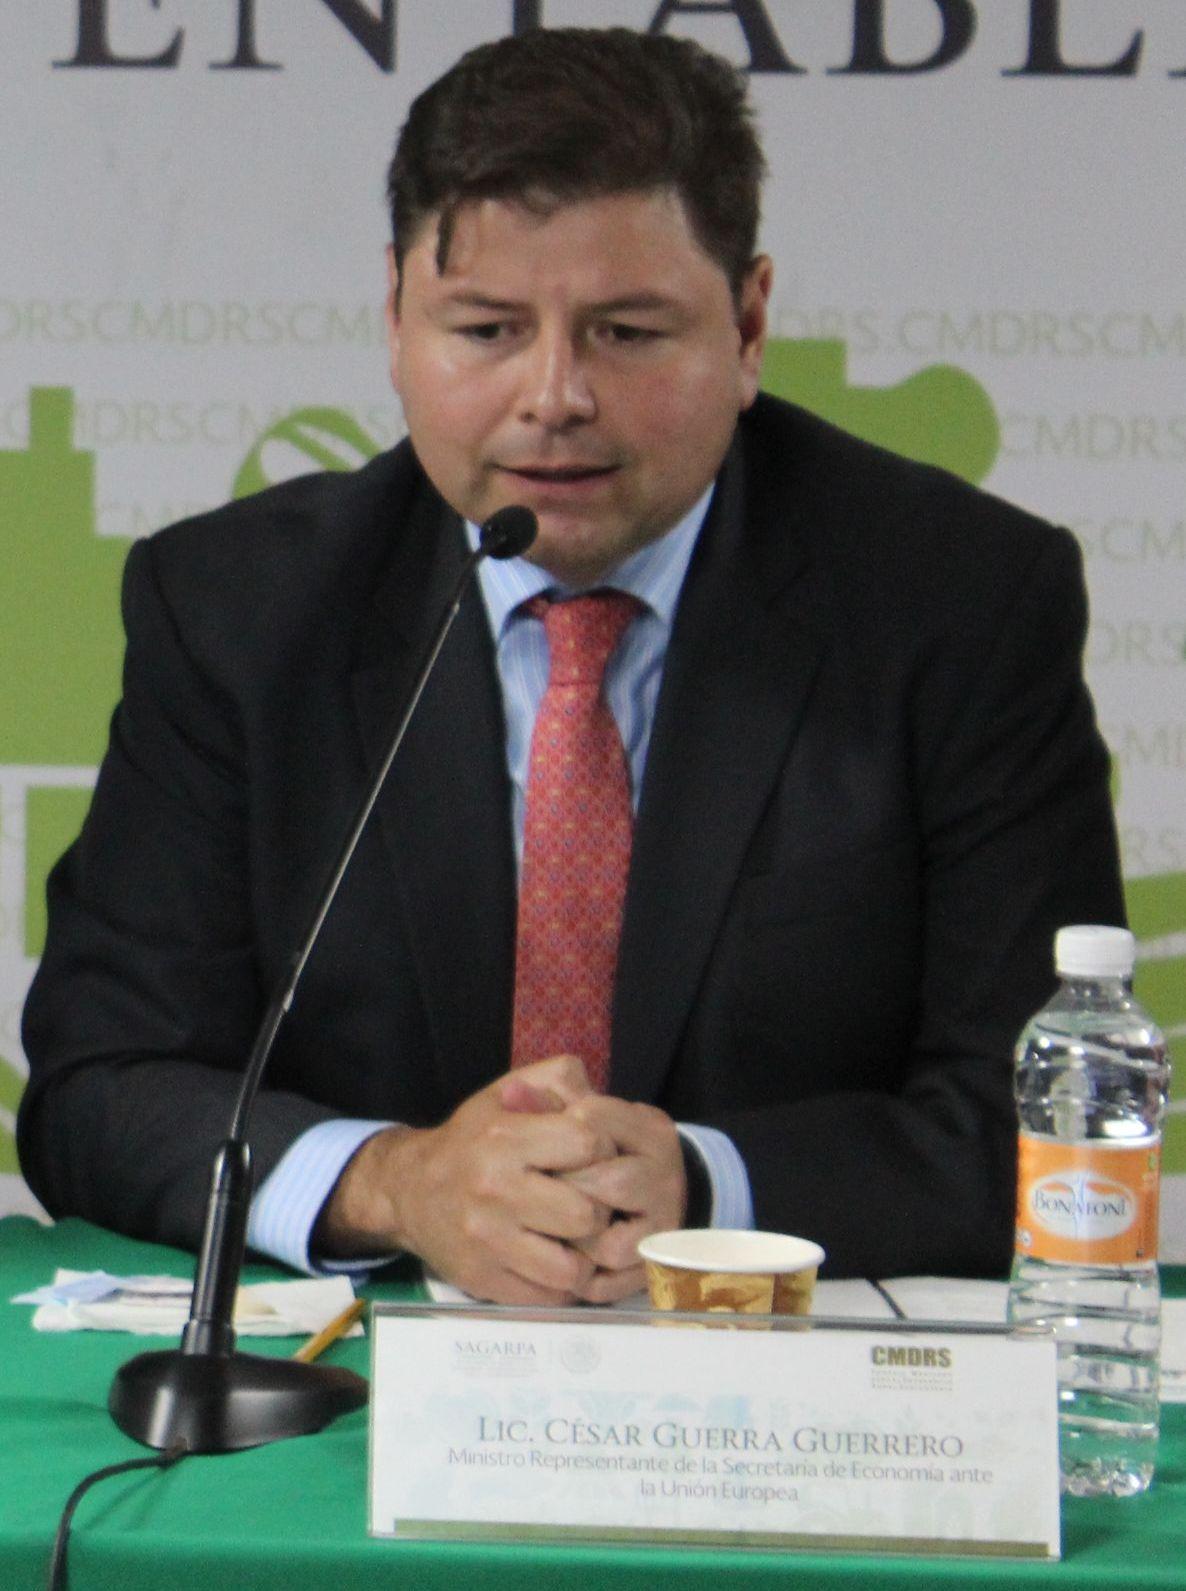 Ministro Representante de la Secretaría de Economía ante la Unión Europea